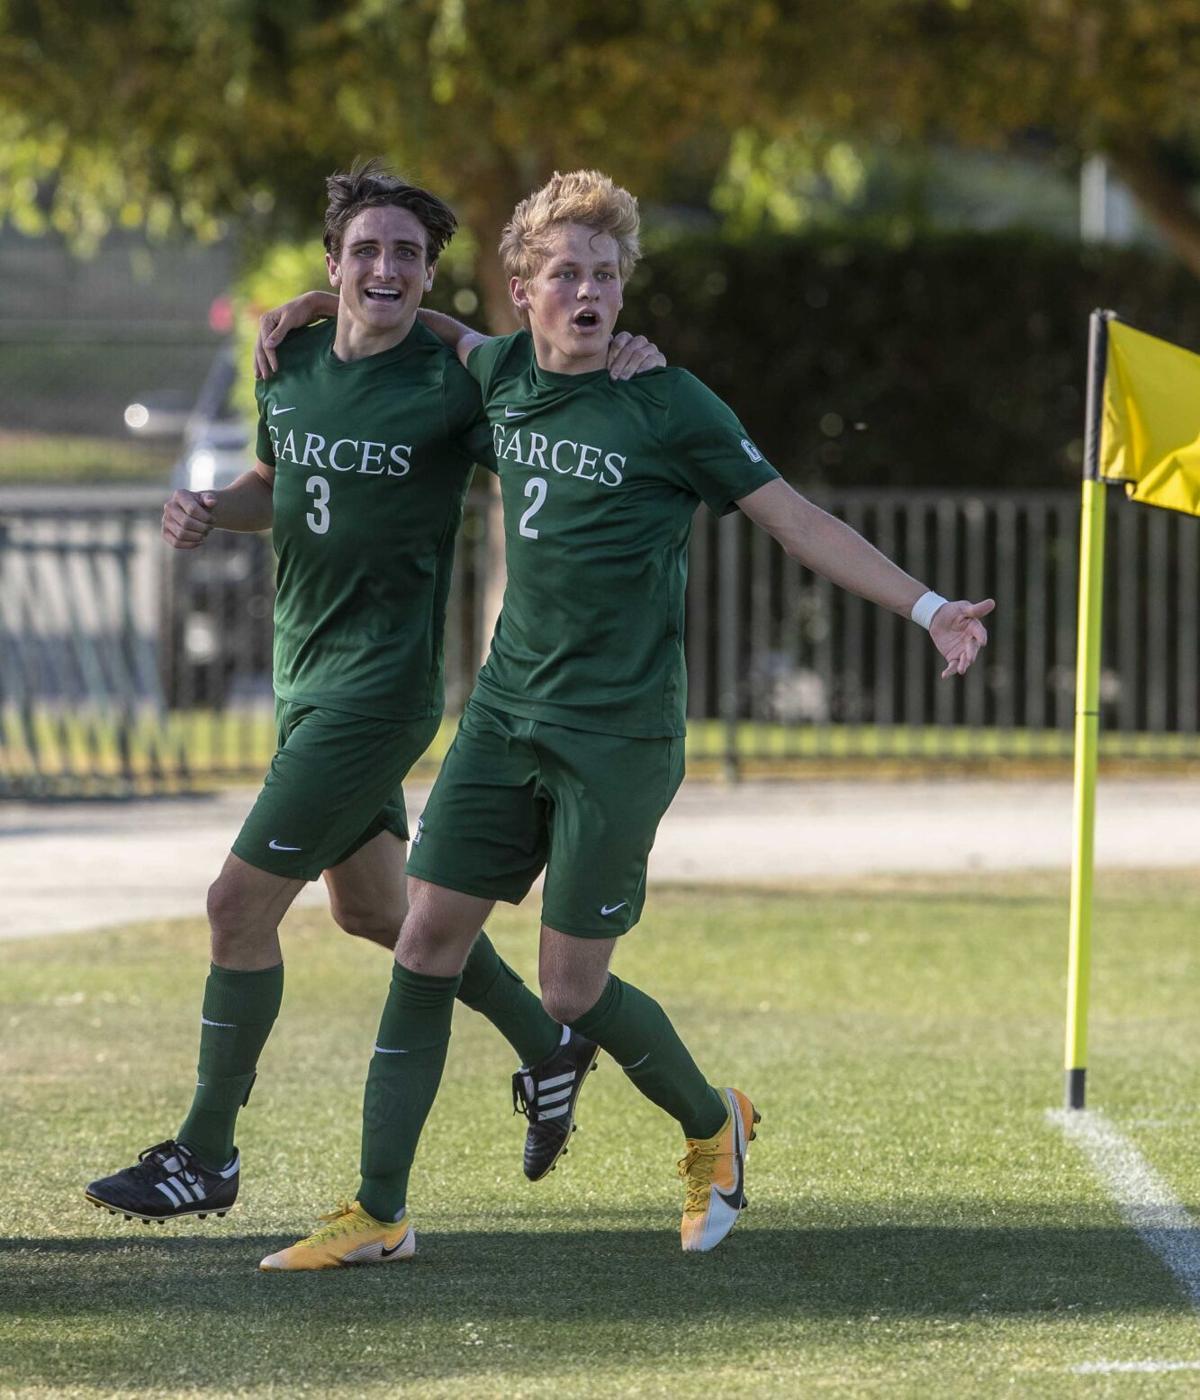 Lindsay vs Garces Boys Soccer10